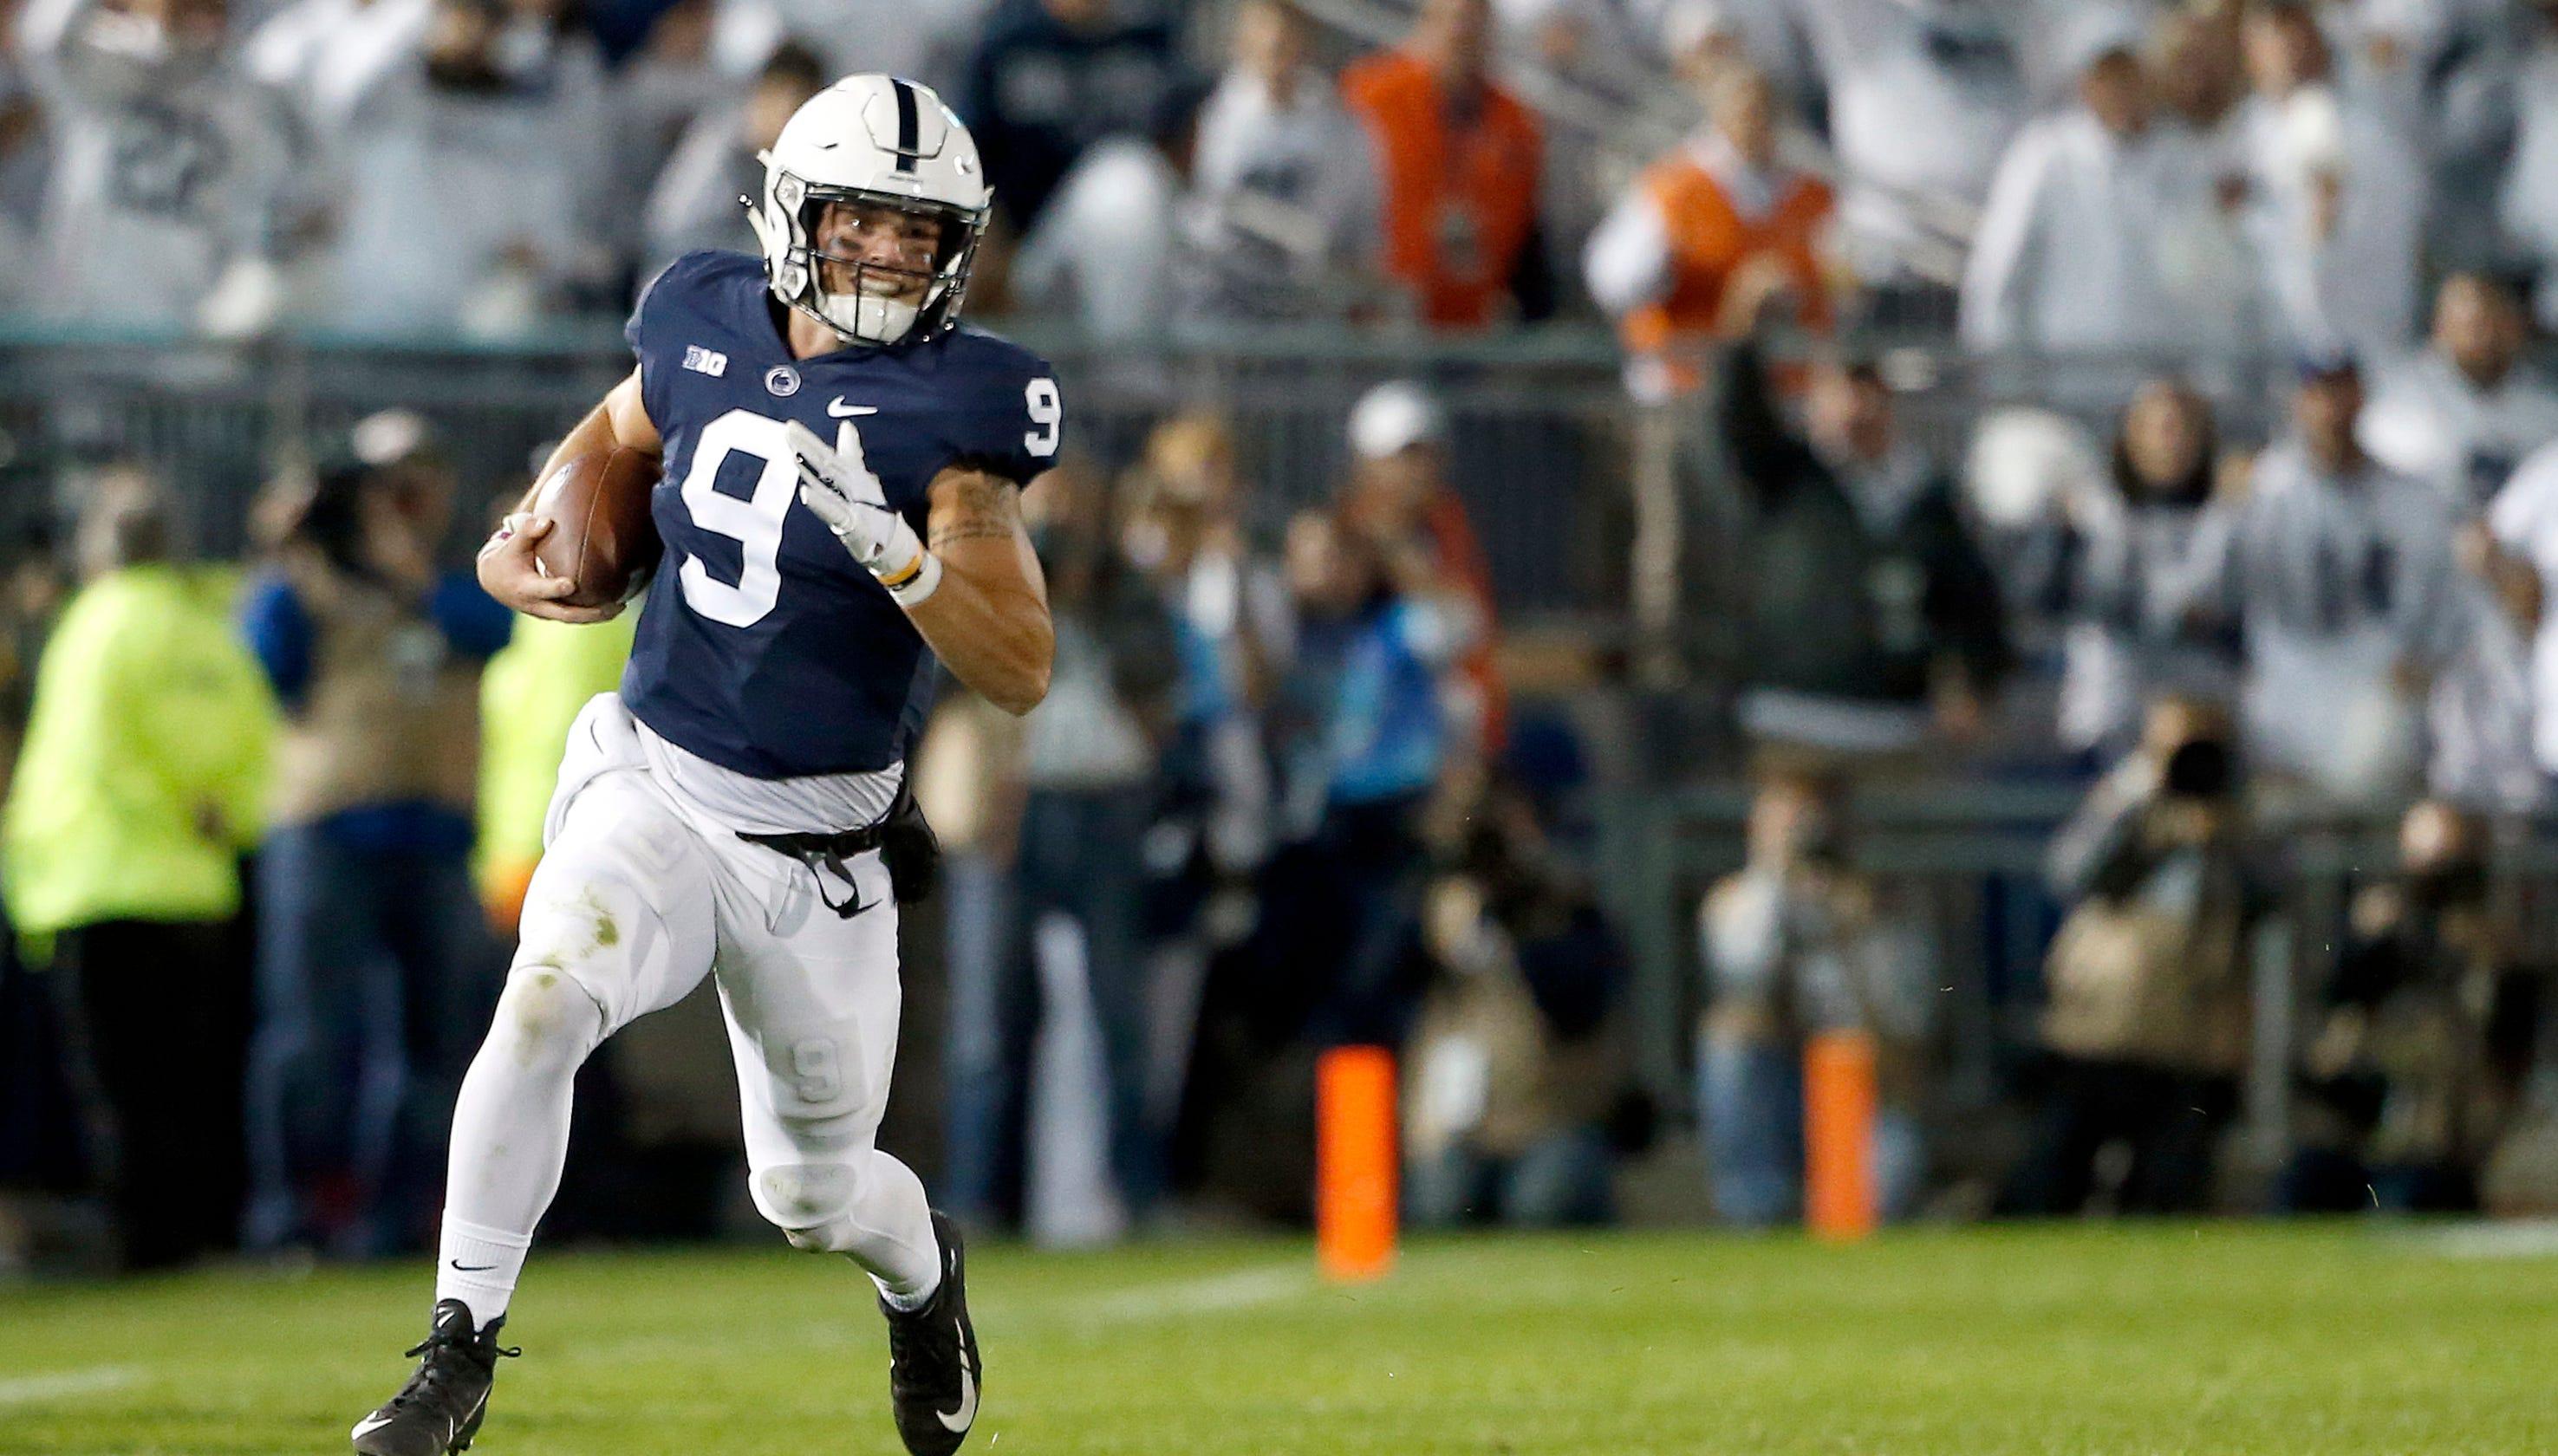 Penn State football  McSorley 70c16c4cb